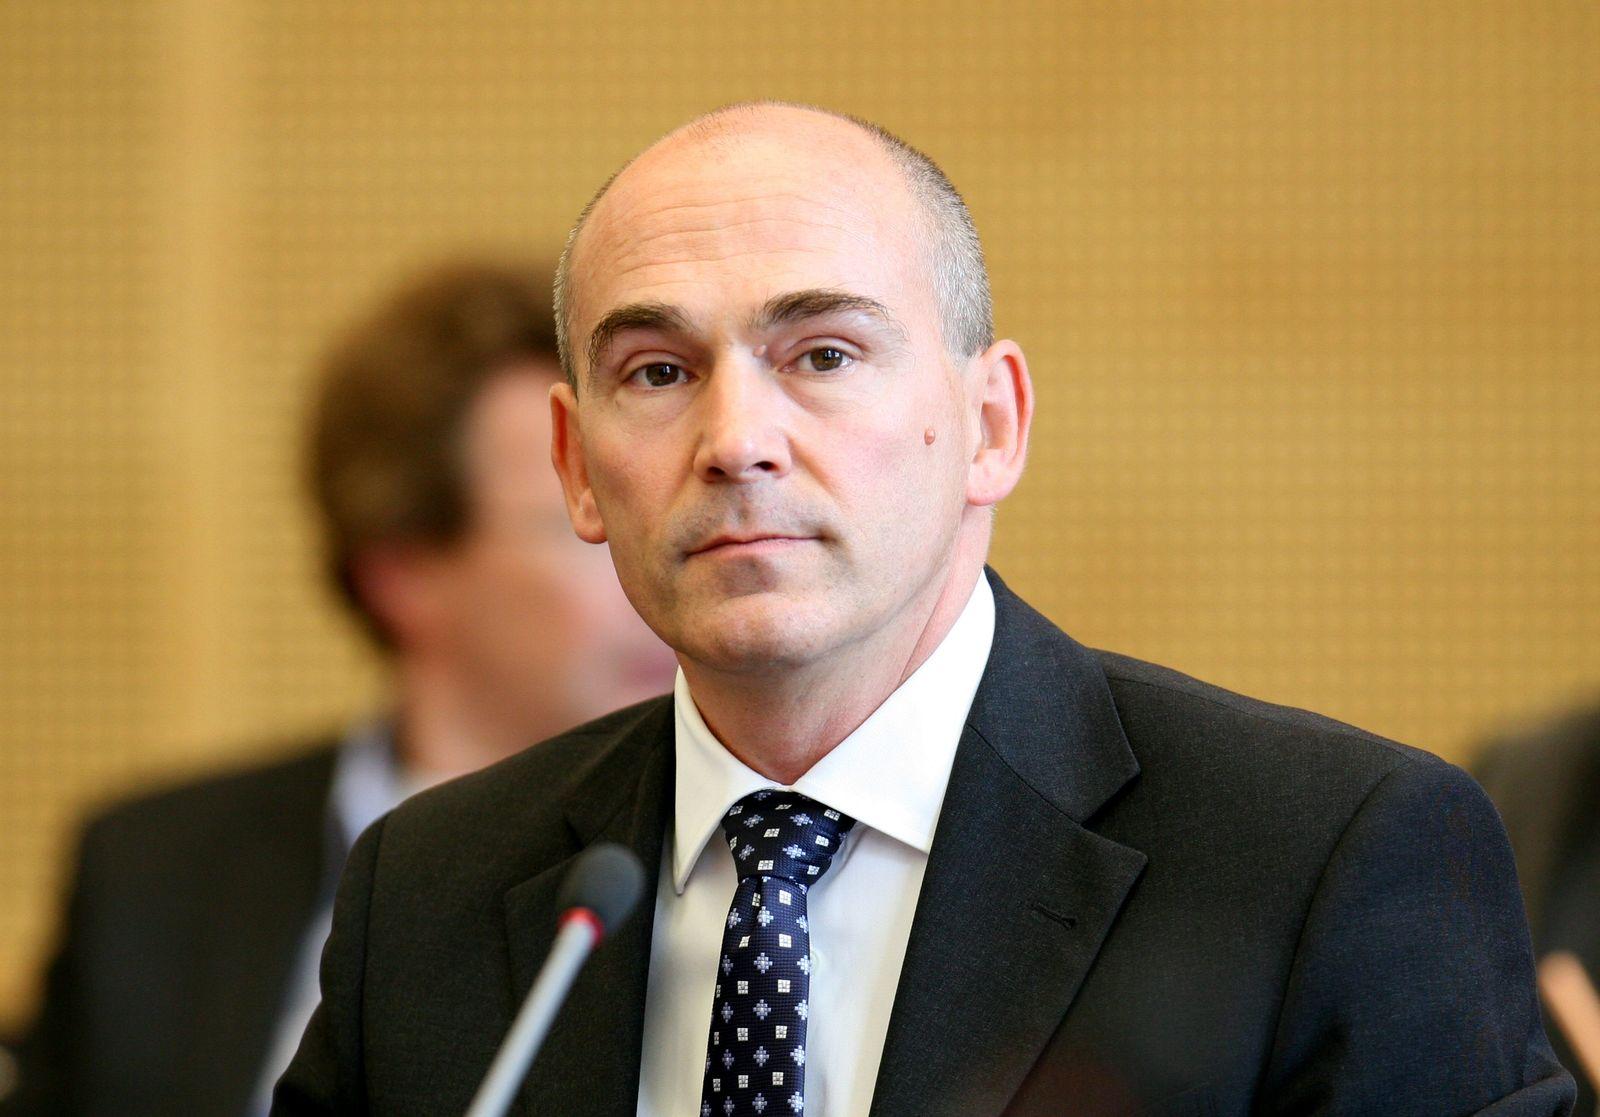 Franz Waas